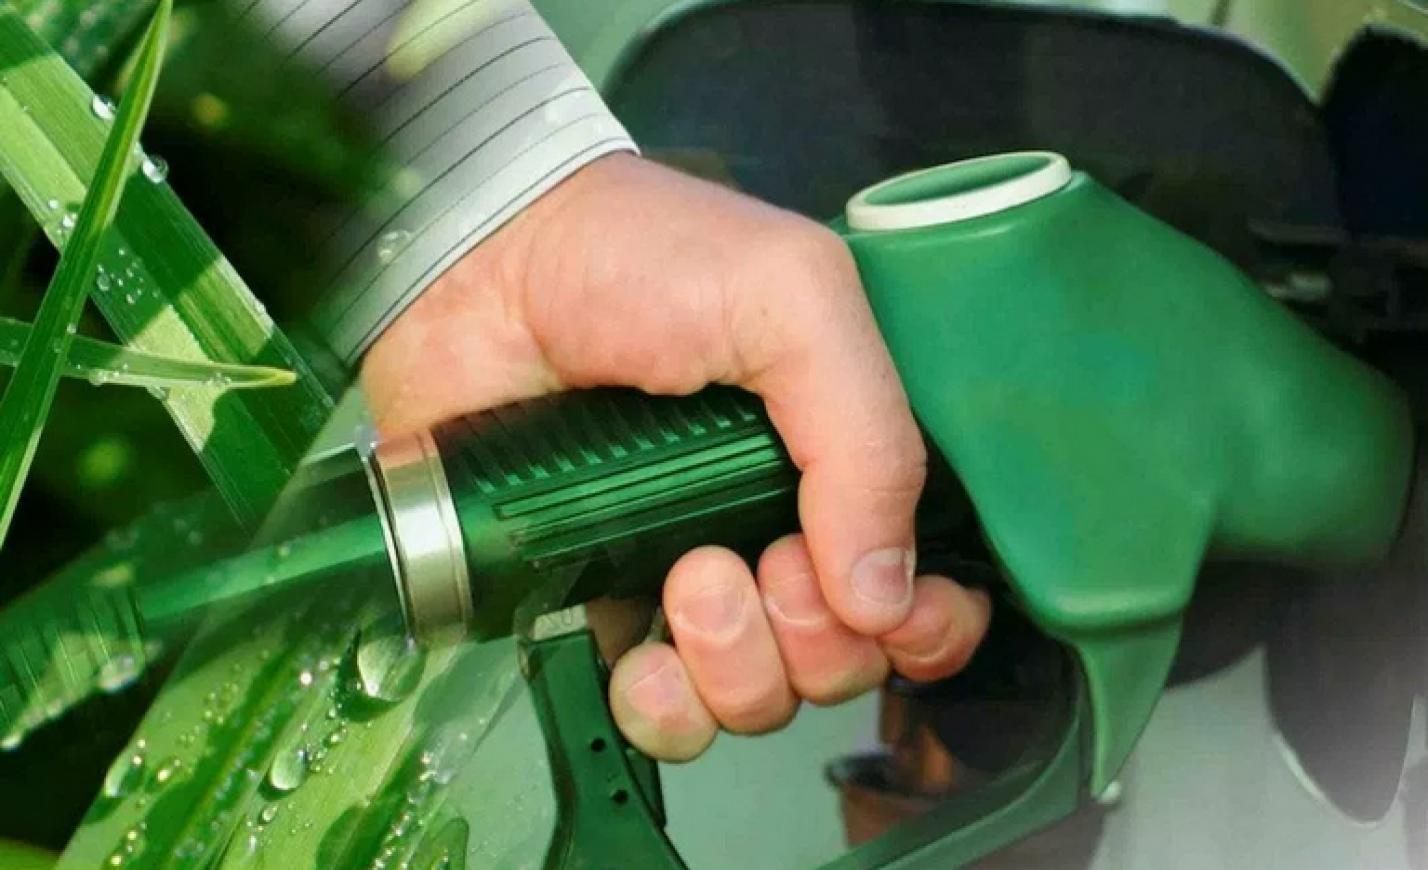 Most vagy soha: 10 százaléknyi etanolt minden benzinbe!